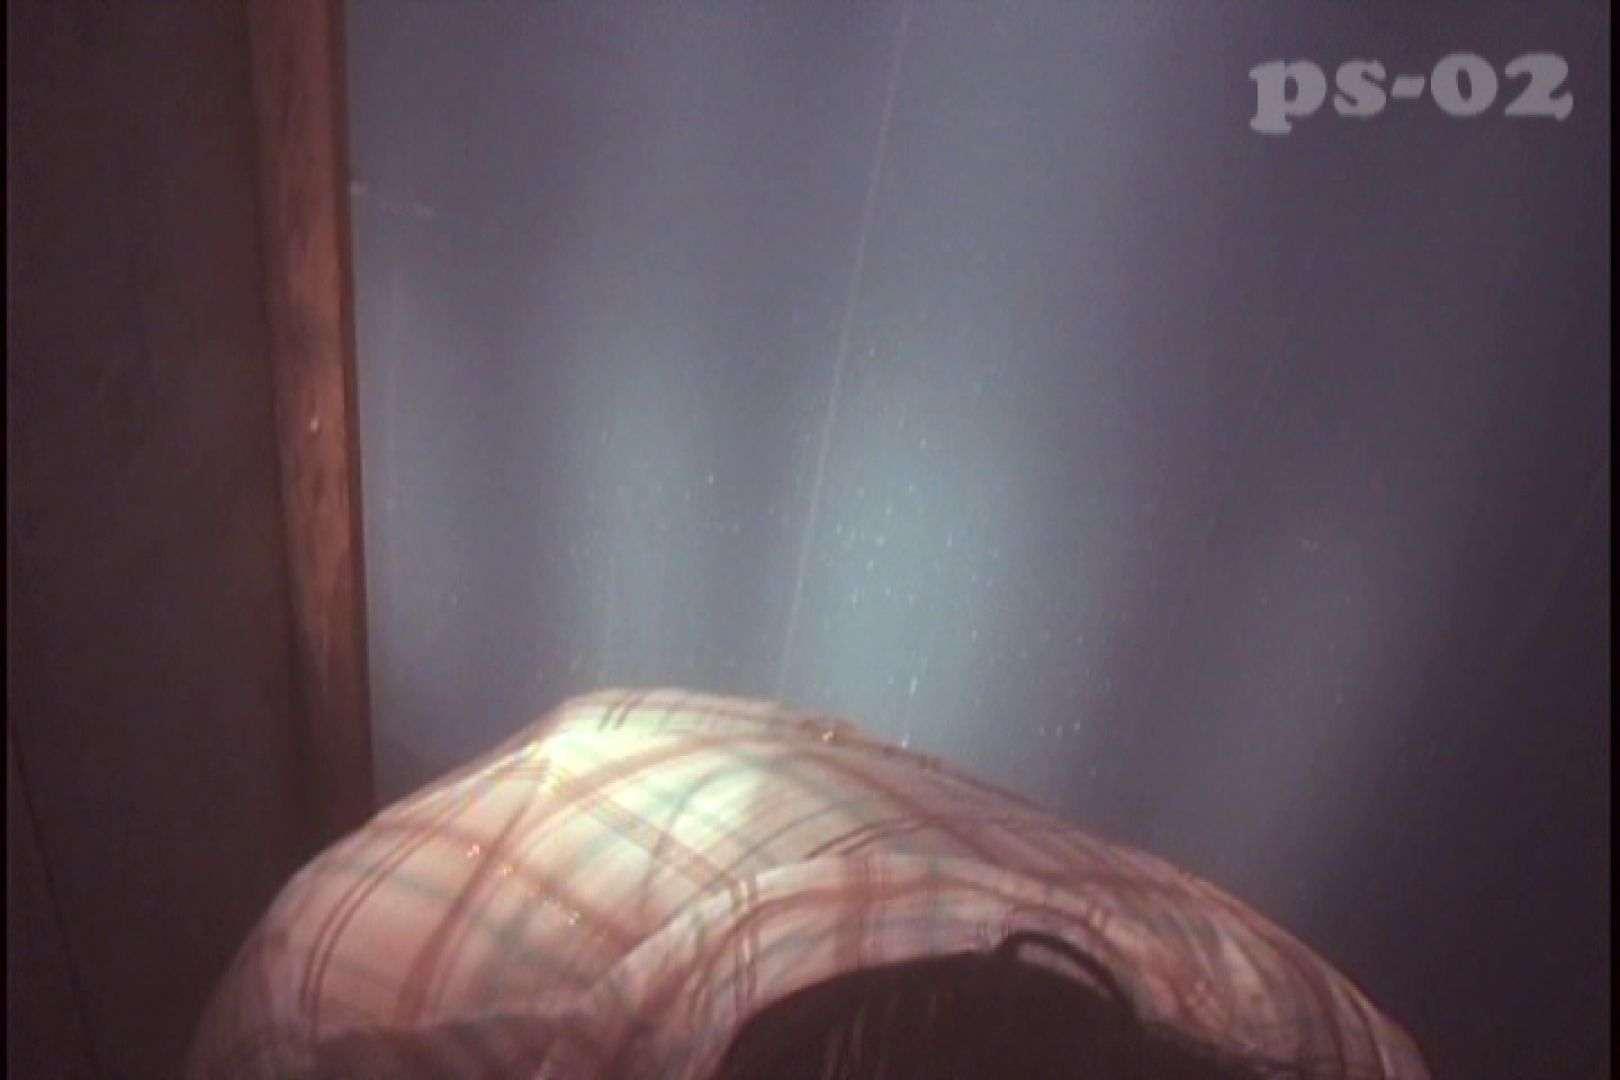 File.13 非常に惜しい!ブラの隙間から少しだけ拝見 シャワー室 AV無料動画キャプチャ 78画像 9